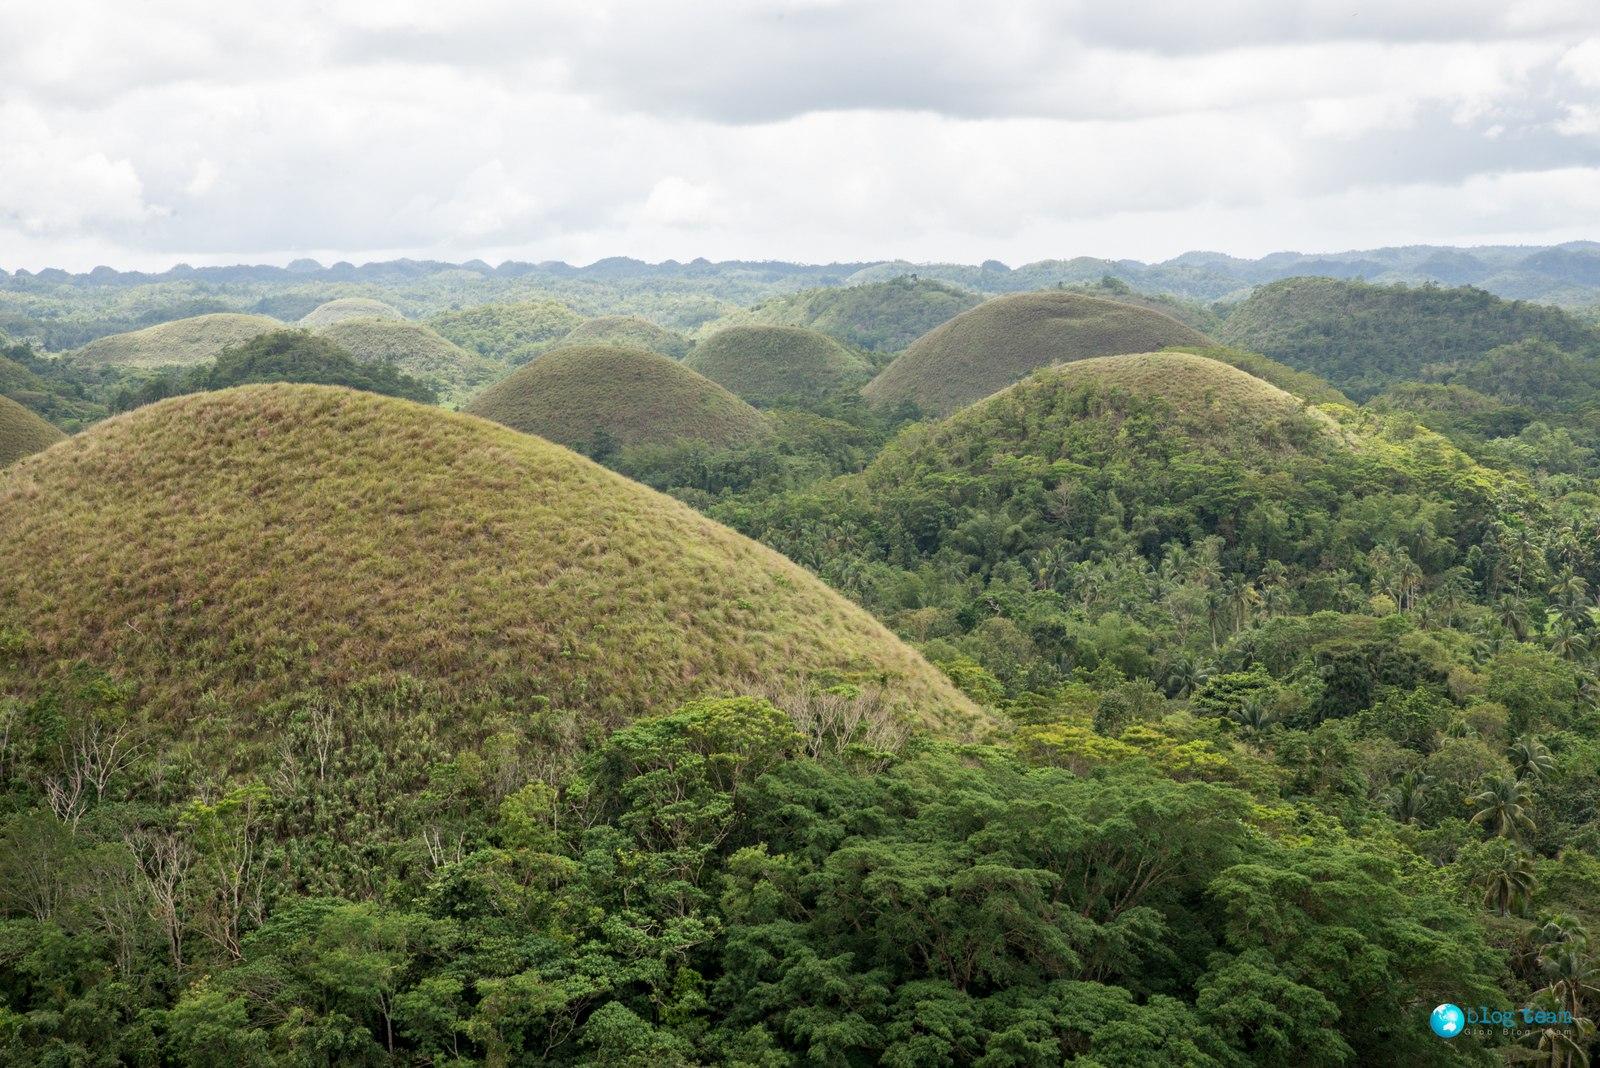 Czekoladowe Wzgórza - Bohol  The Chocolate Hills